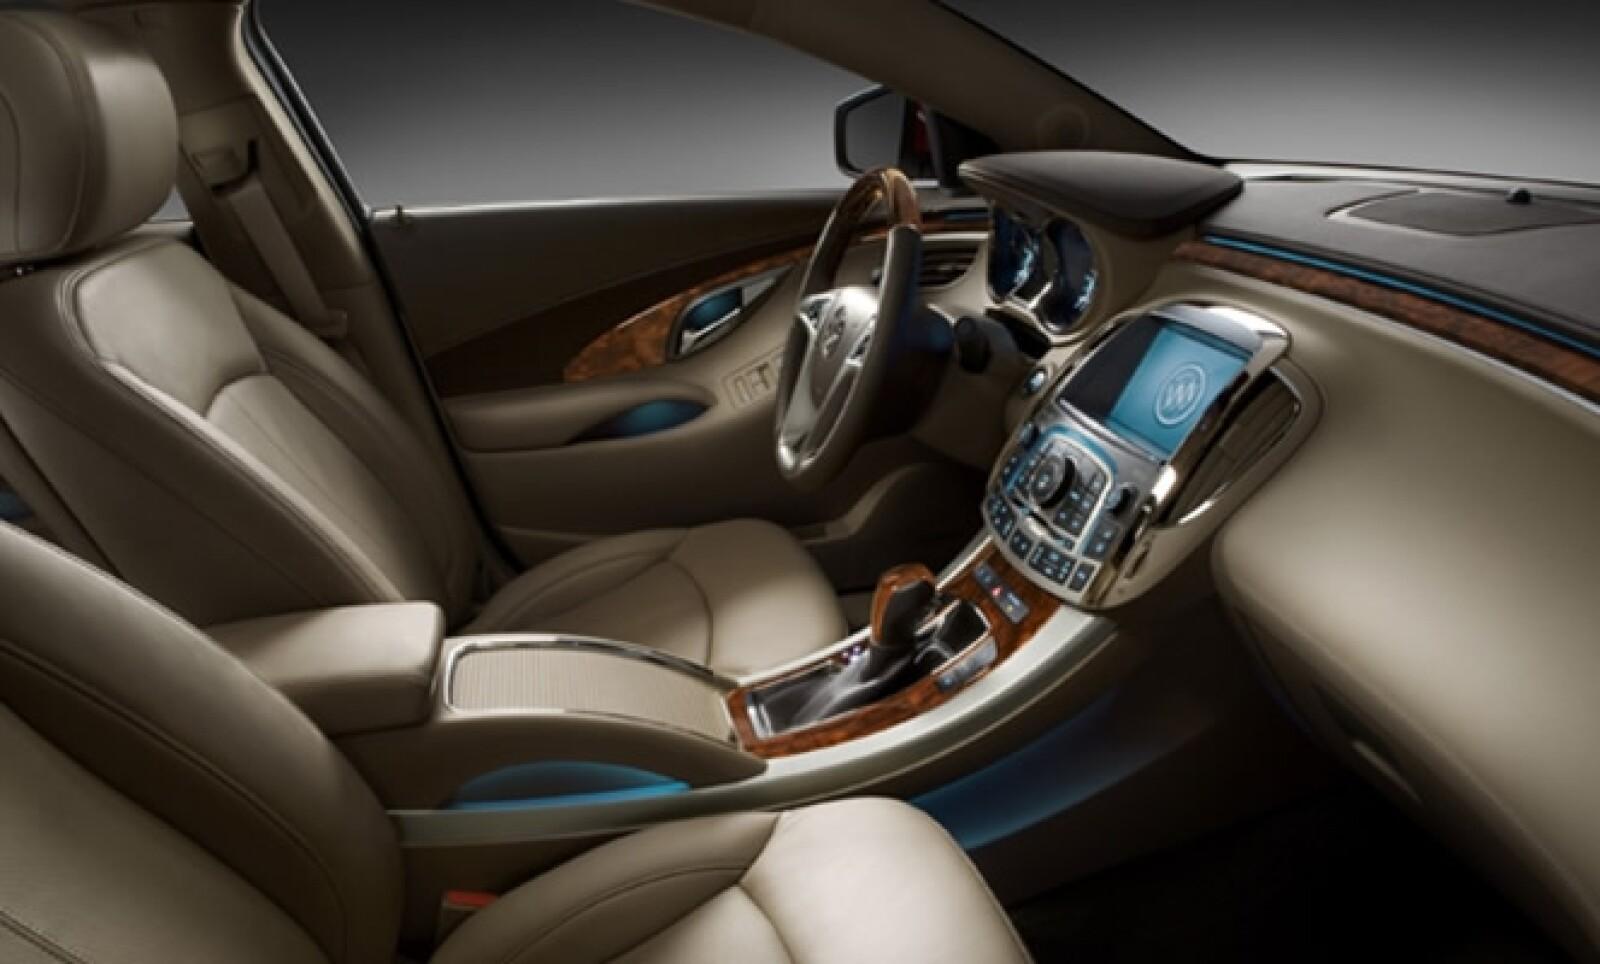 El volante, forrado en piel de cuatro brazos, tiene insertos de madera de álamo, ajuste de profundidad y altura, calefacción y controles de velocidad y audio que junto con su diseño ergonómico logran que el conductor tenga una sólida sensación de control